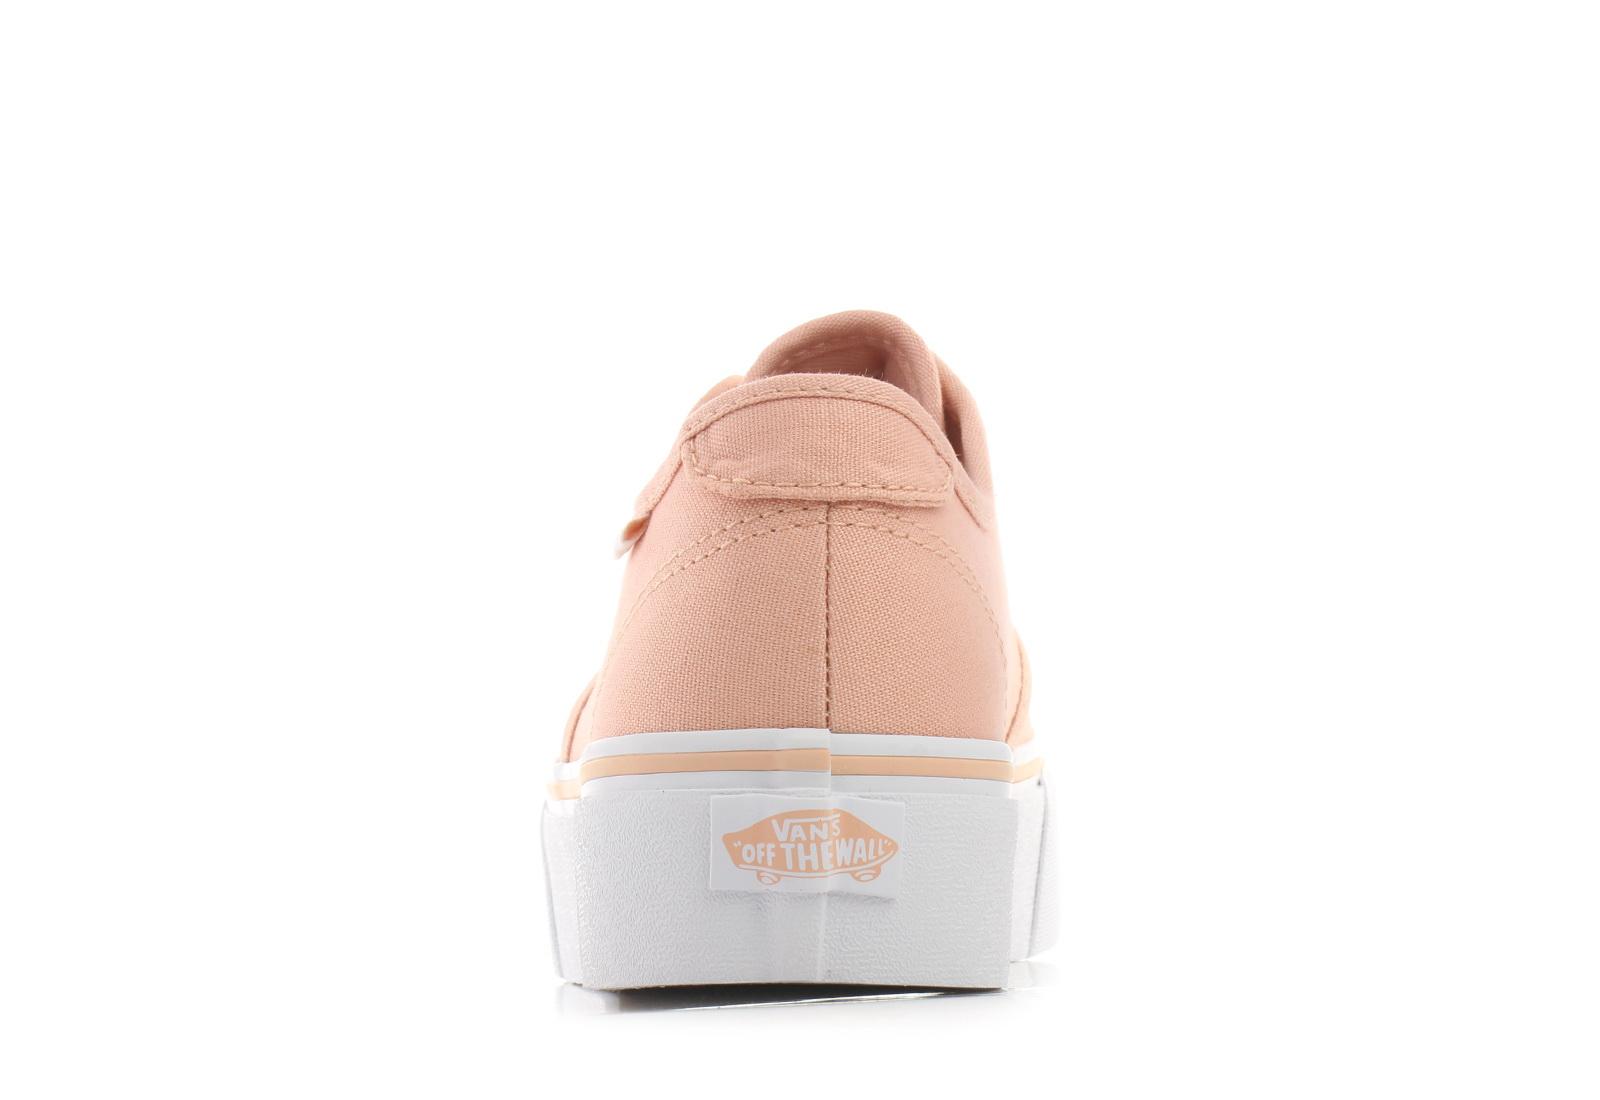 Vans Cipő - Wm Camden Platform - VA3TL8VV8 - Office Shoes Magyarország 151a01f736